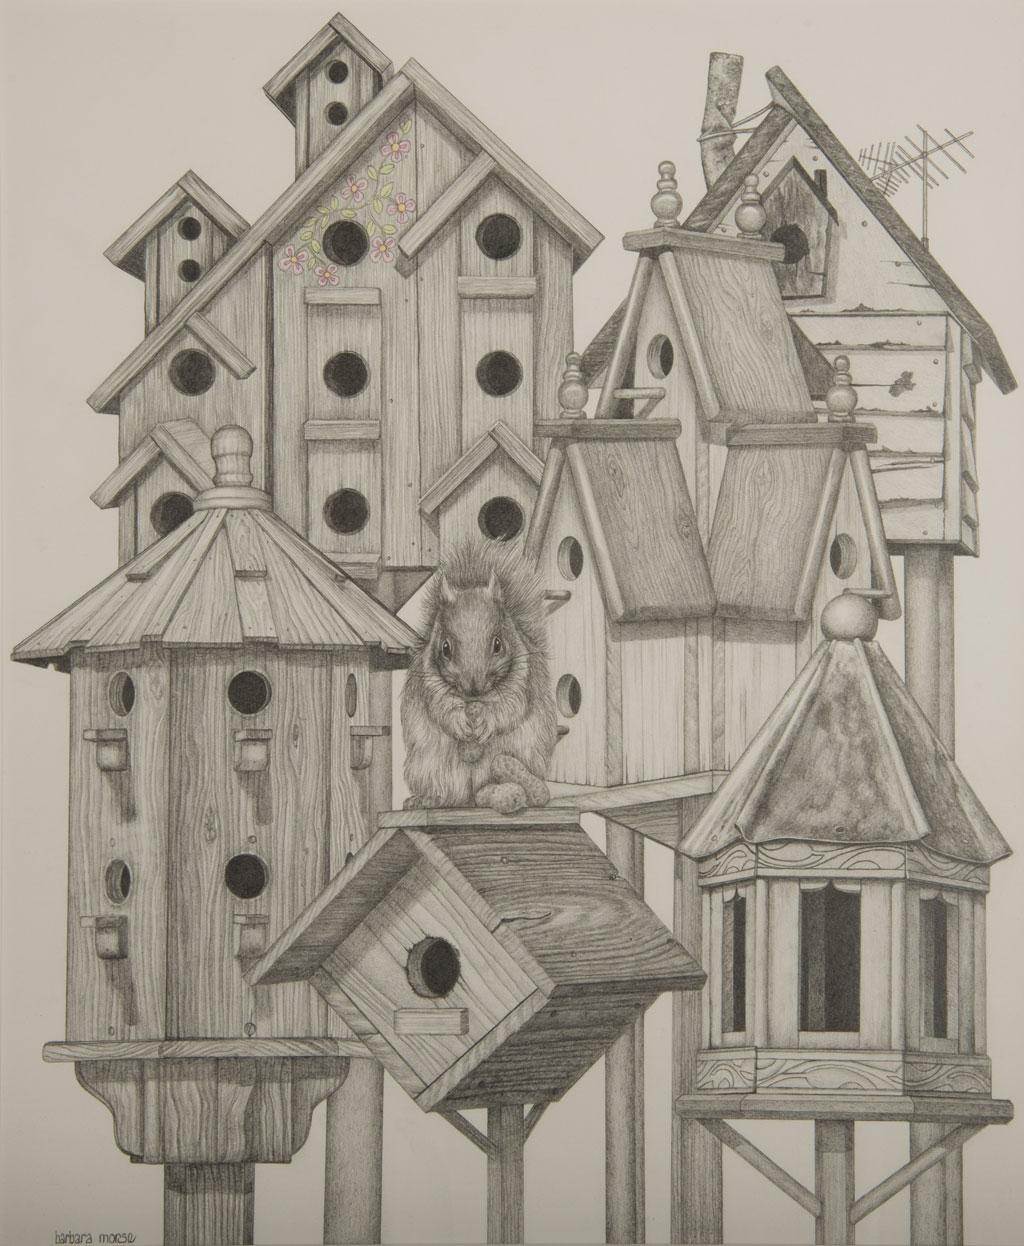 Nut House